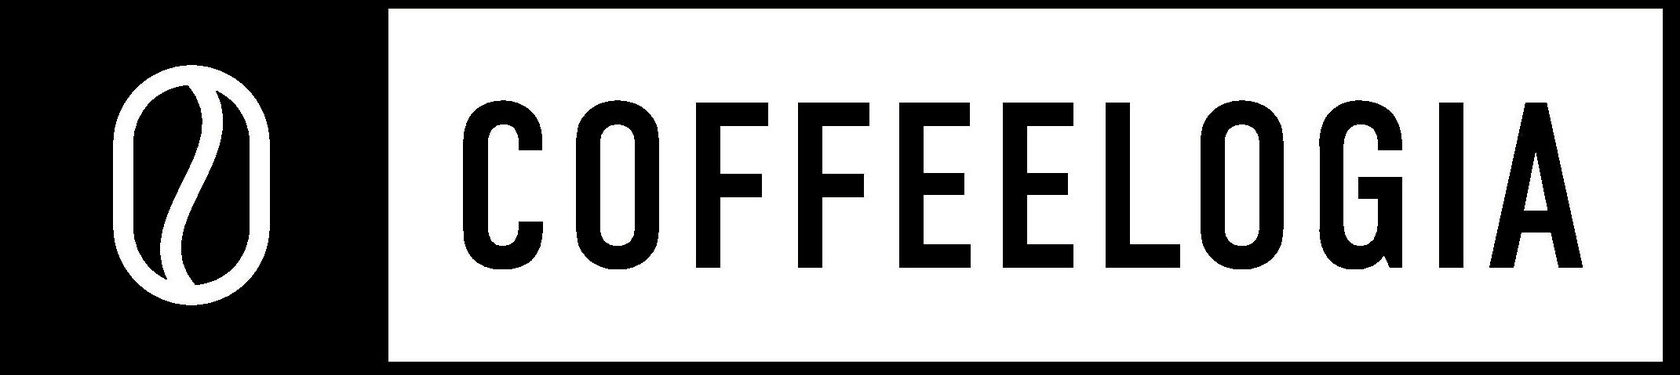 Coffeelogia